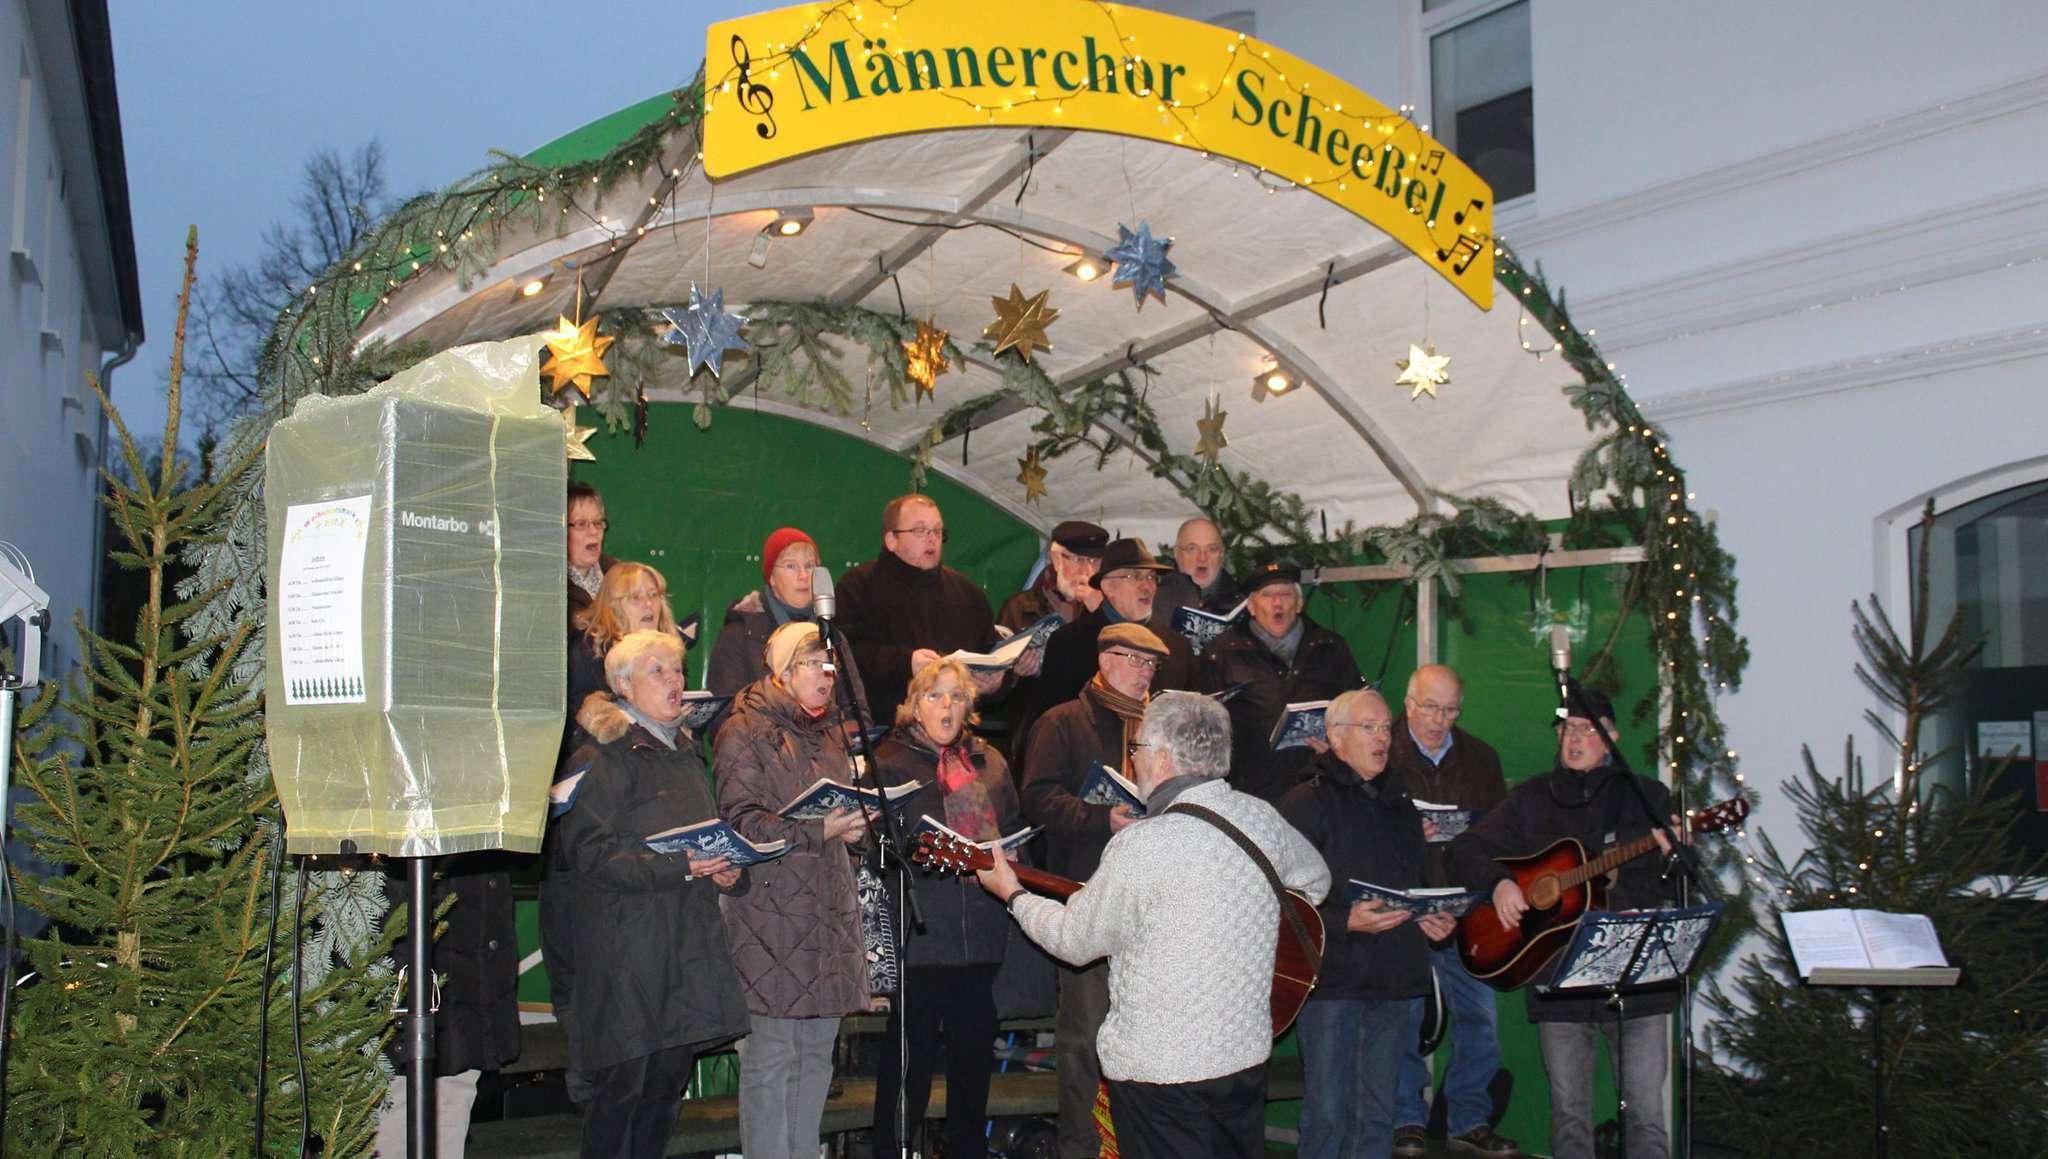 Der Männerchor mit seinen sangesfreudigen Gästen bleibt weiterhin ein Teil des Weihnachtsmarktes im Beekeort.